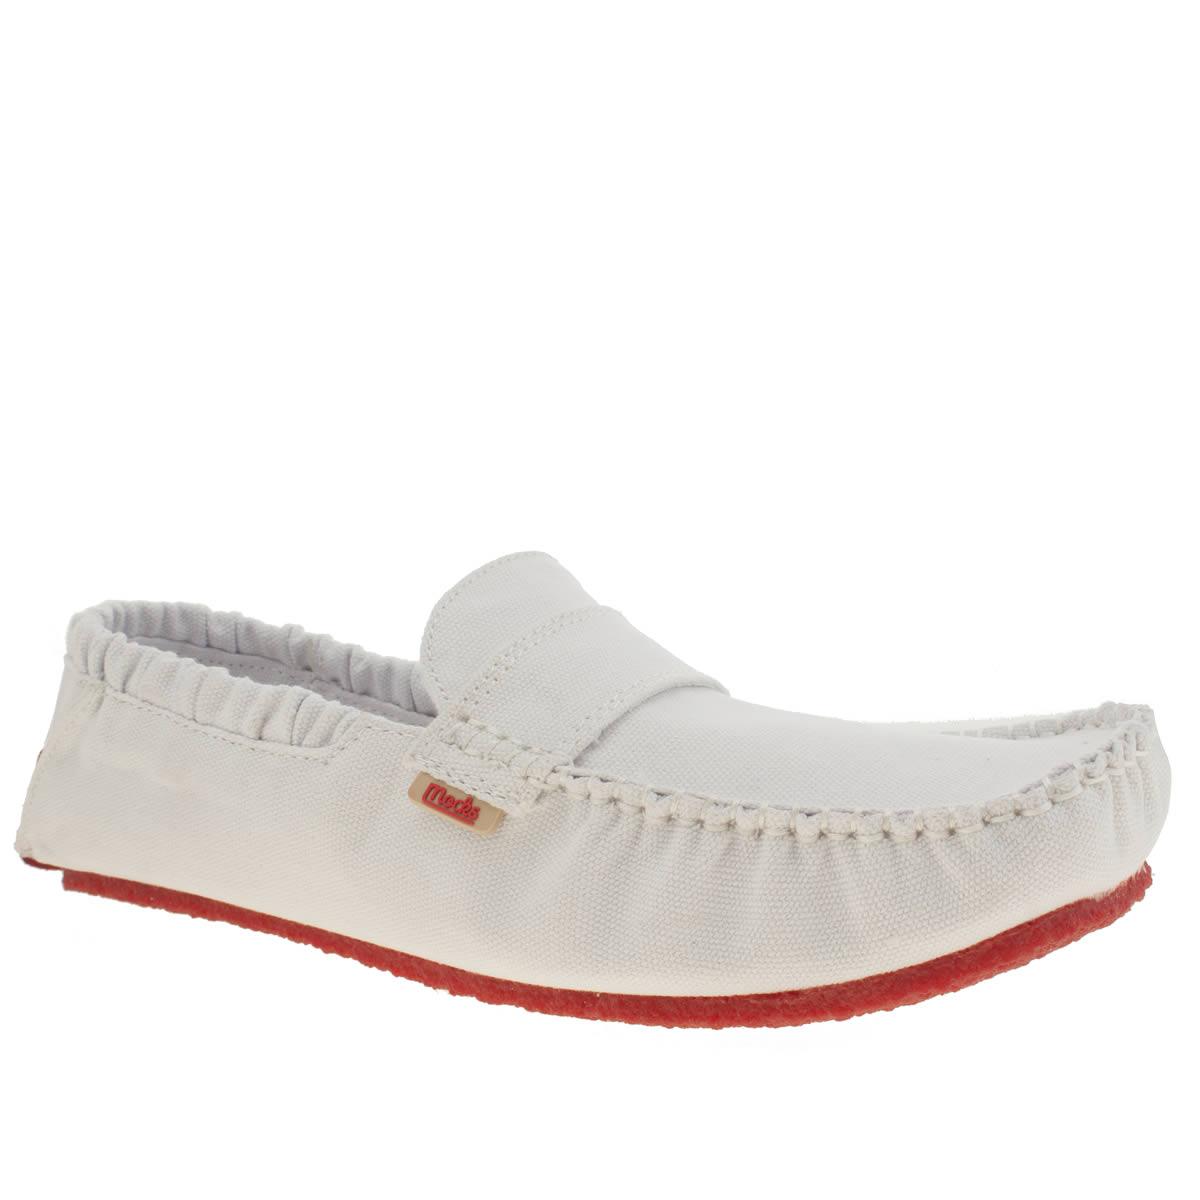 Mocks Mocks White Saddle Shoes